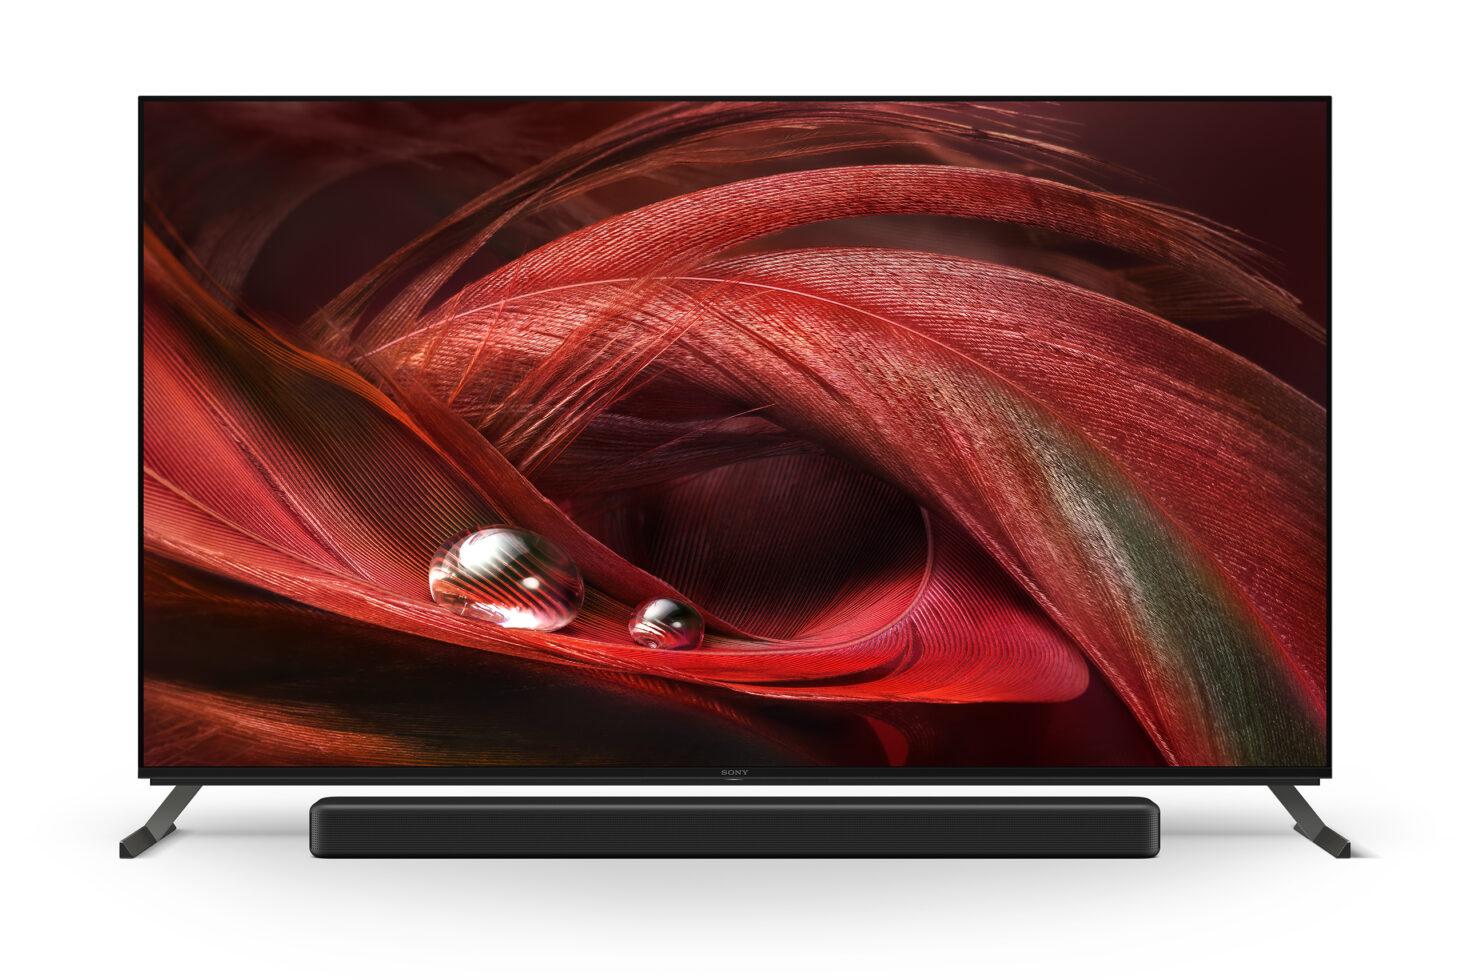 Flagowy telewizor Sony Full Array LED 4K HDR BRAVIA XR X95J w wersji 65″ już dostępny w sklepach